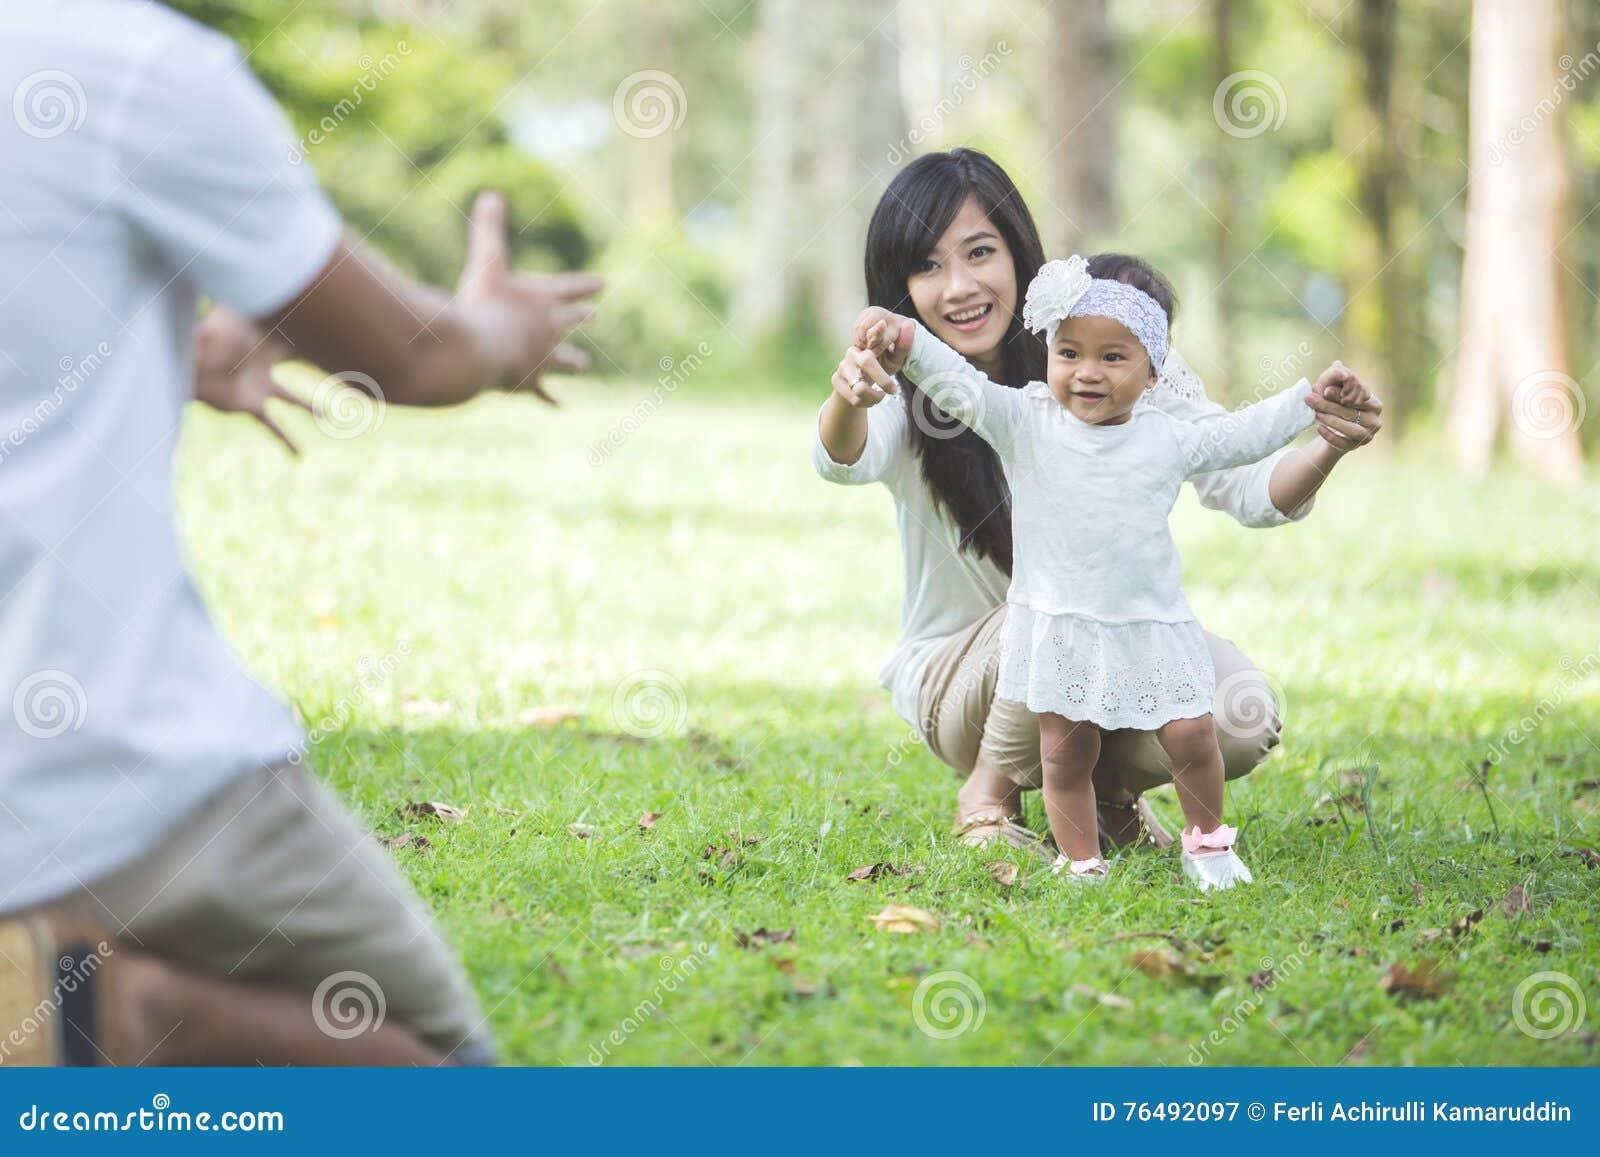 O bebê aprende andar com seu pai no parque